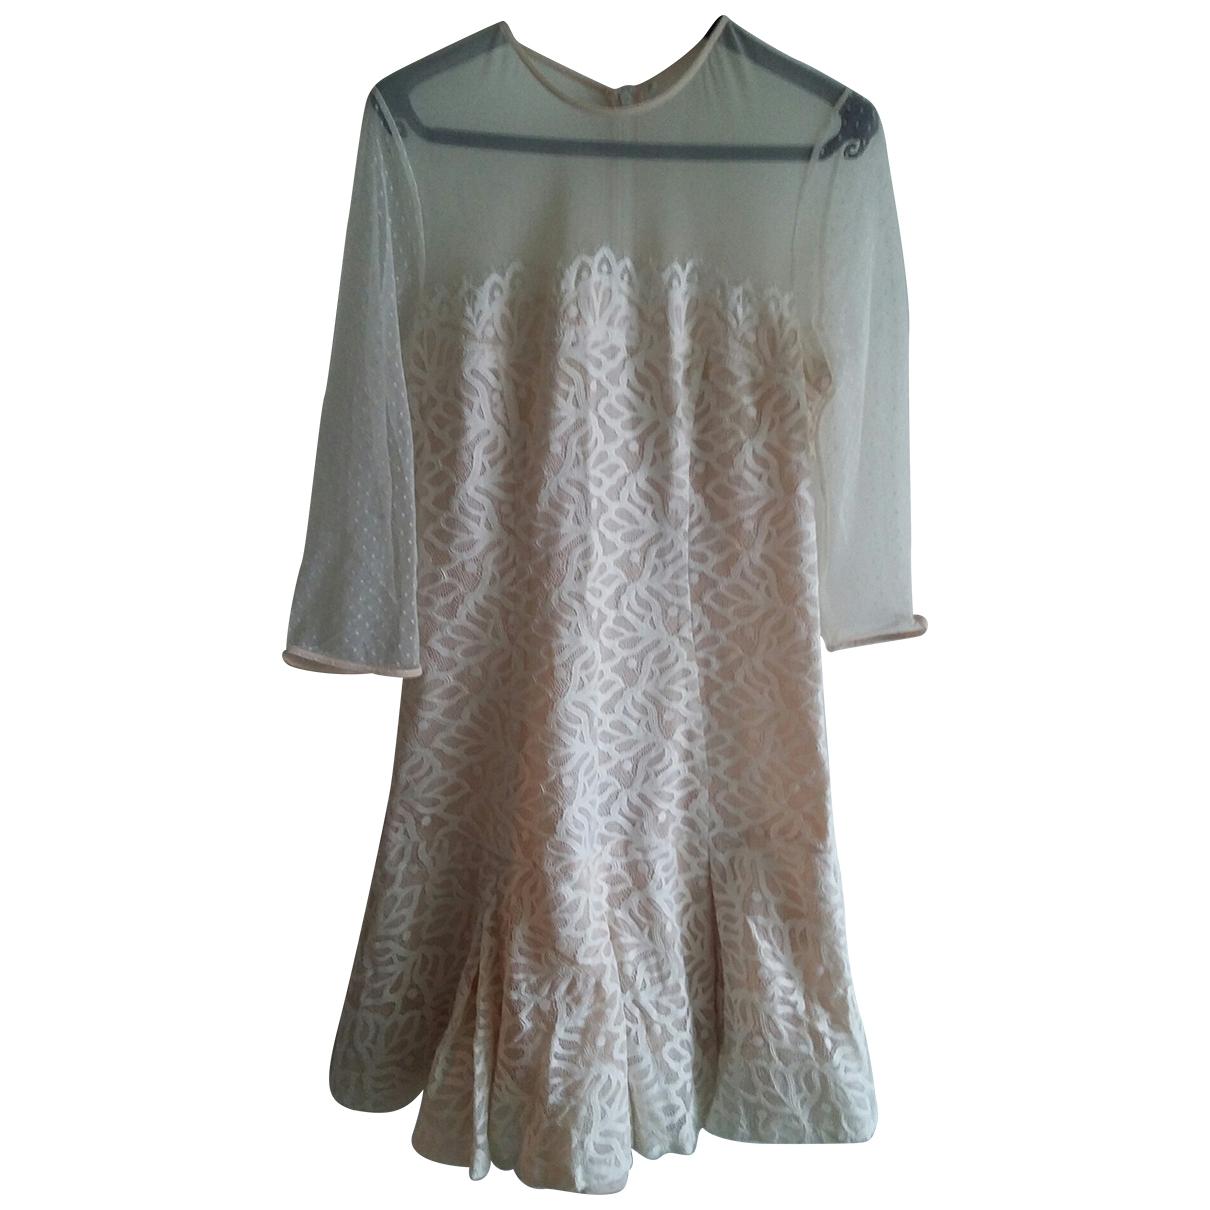 Sandro \N Beige dress for Women 2 0-5